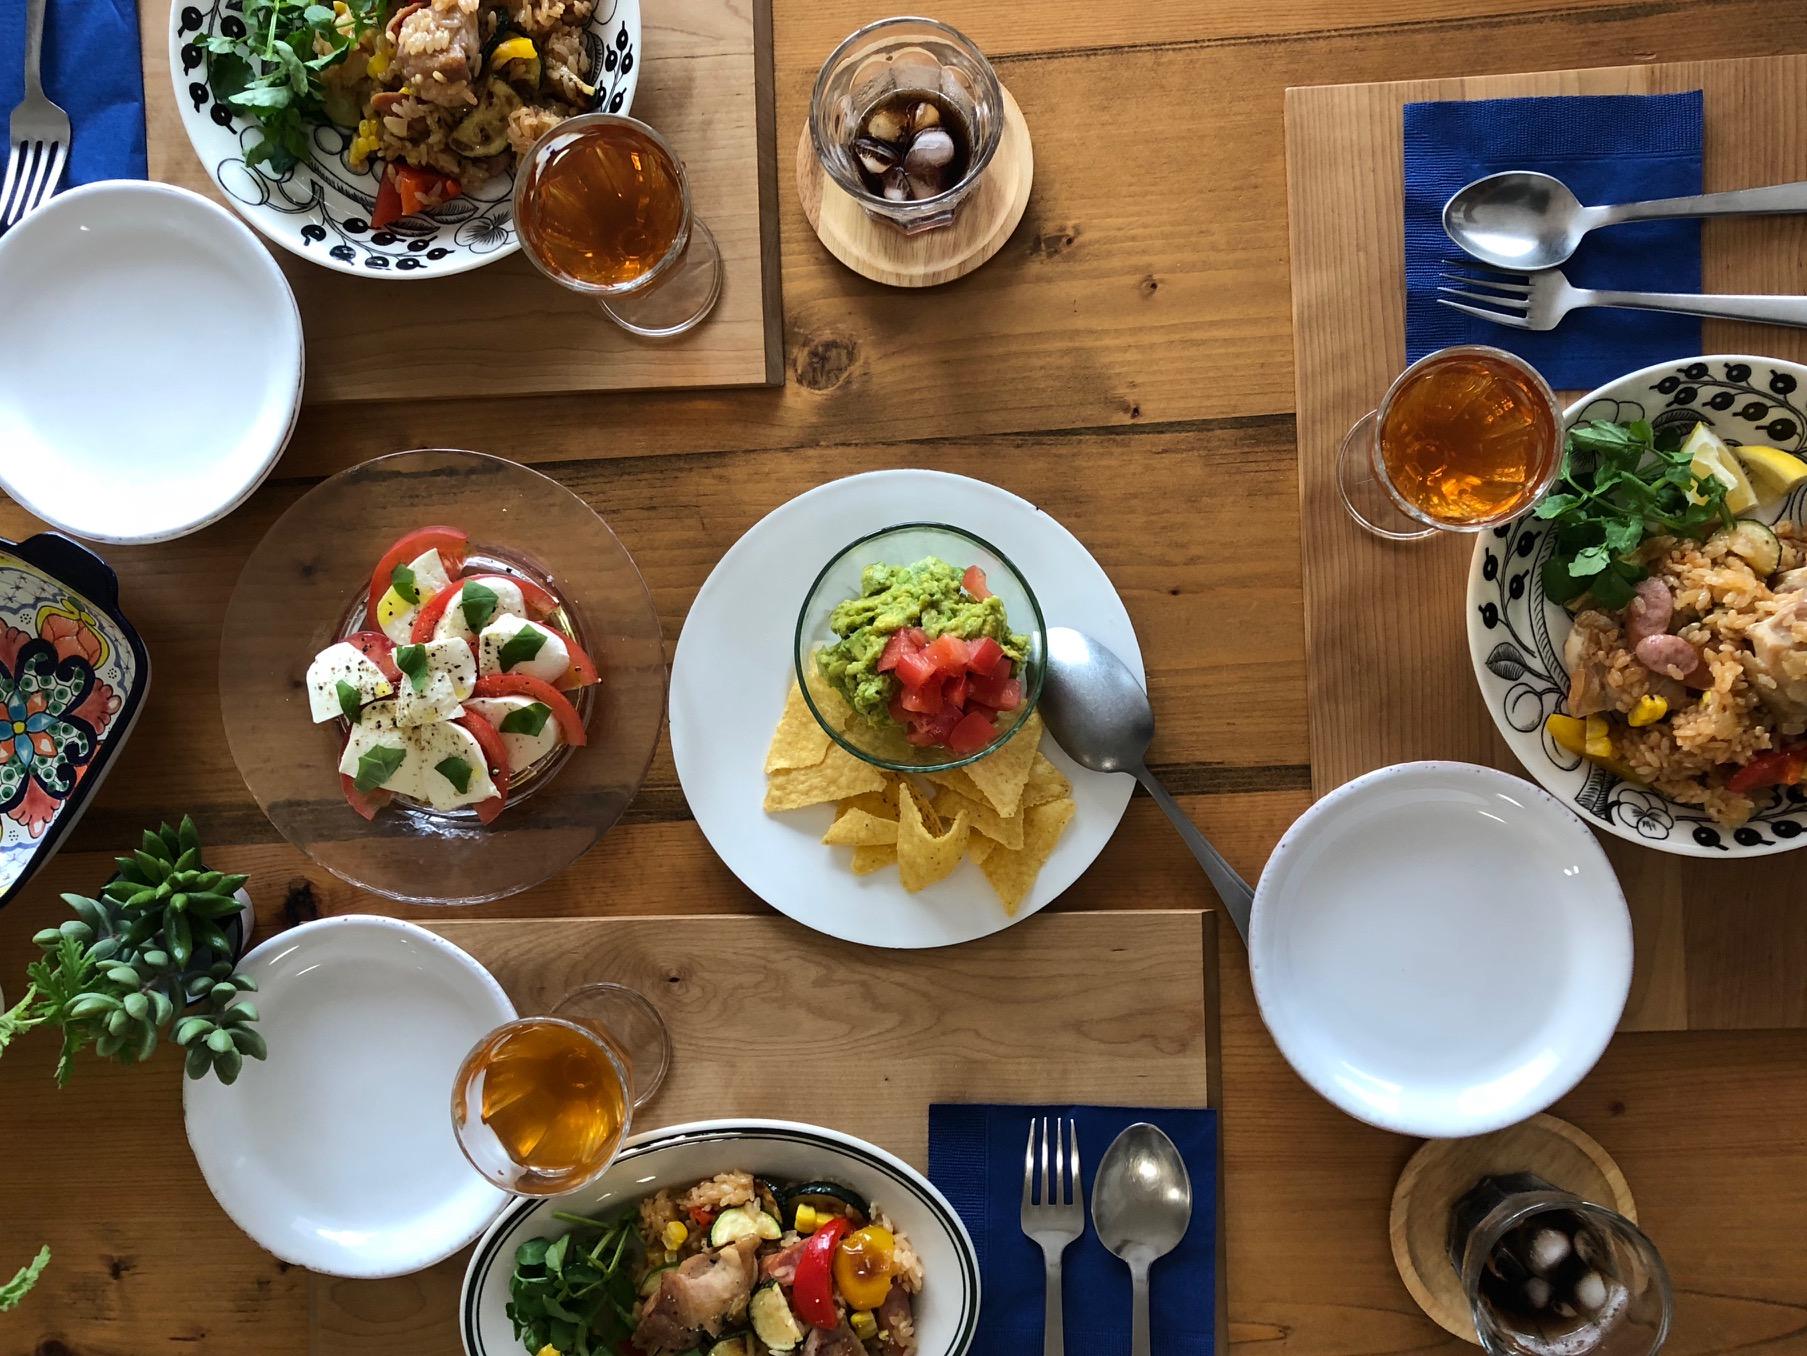 【みやぎレシピ】鶏と夏野菜のジャンバラヤ